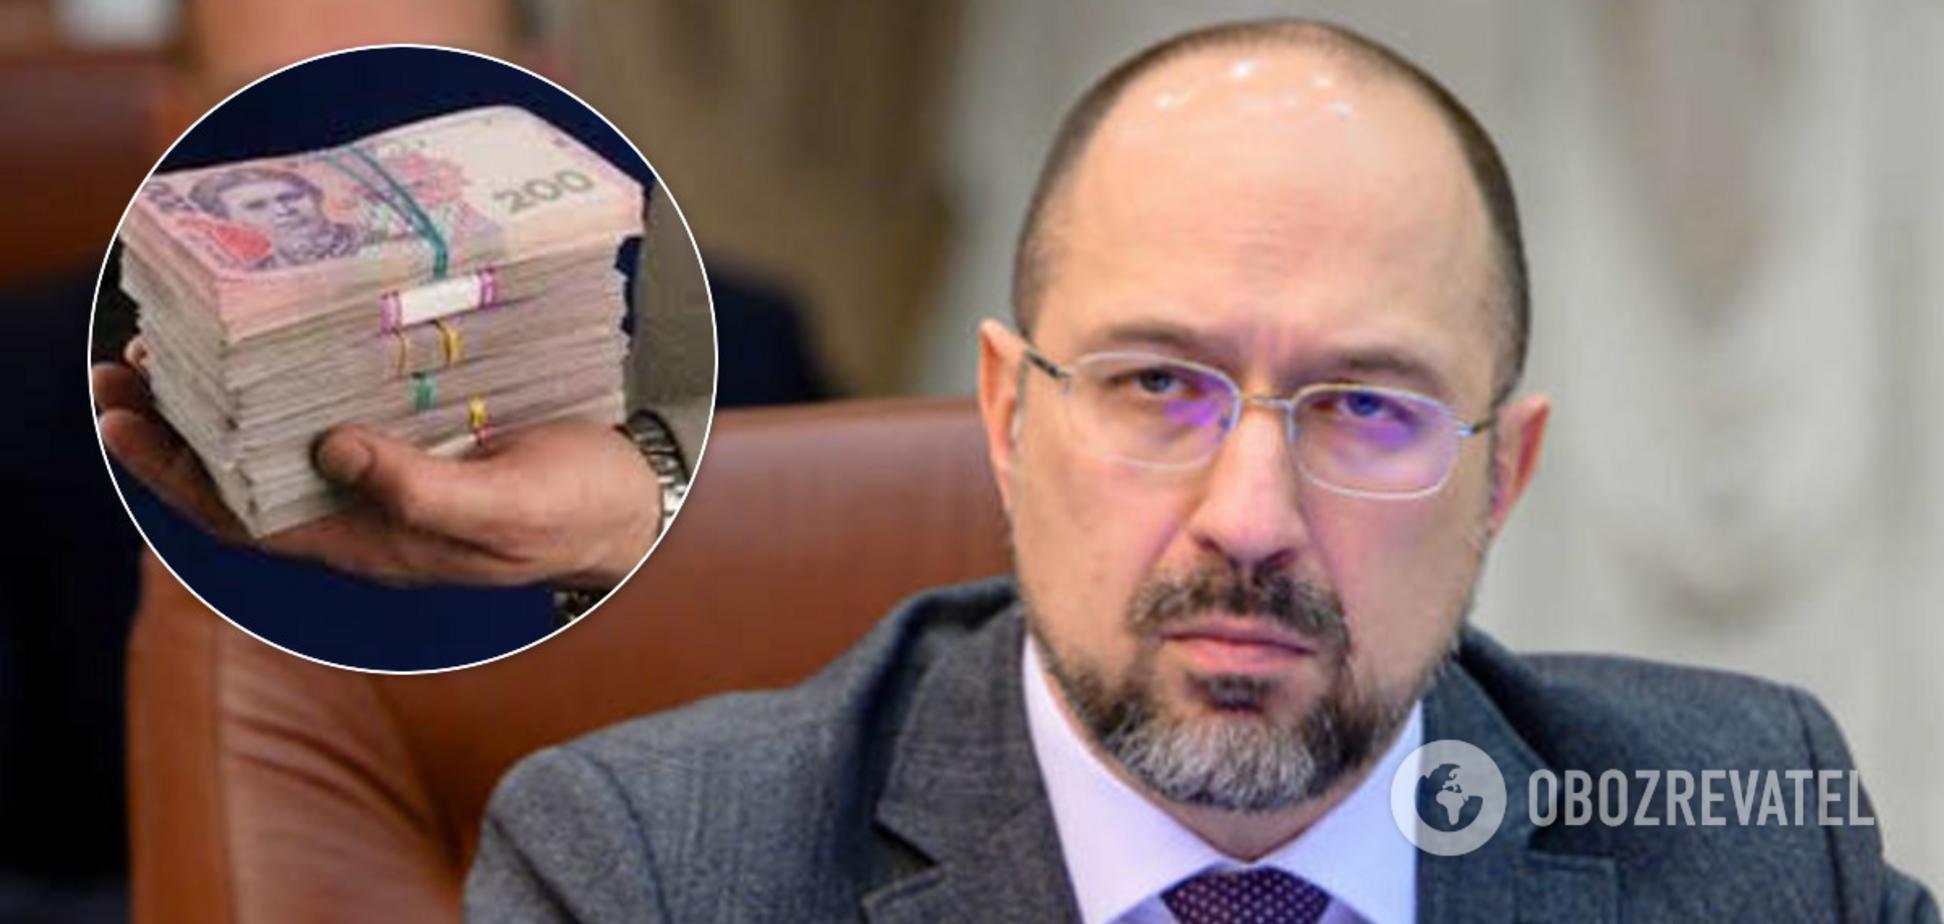 Шмыгаль задумал урезать зарплаты топ-чиновников вдвое: кого коснется